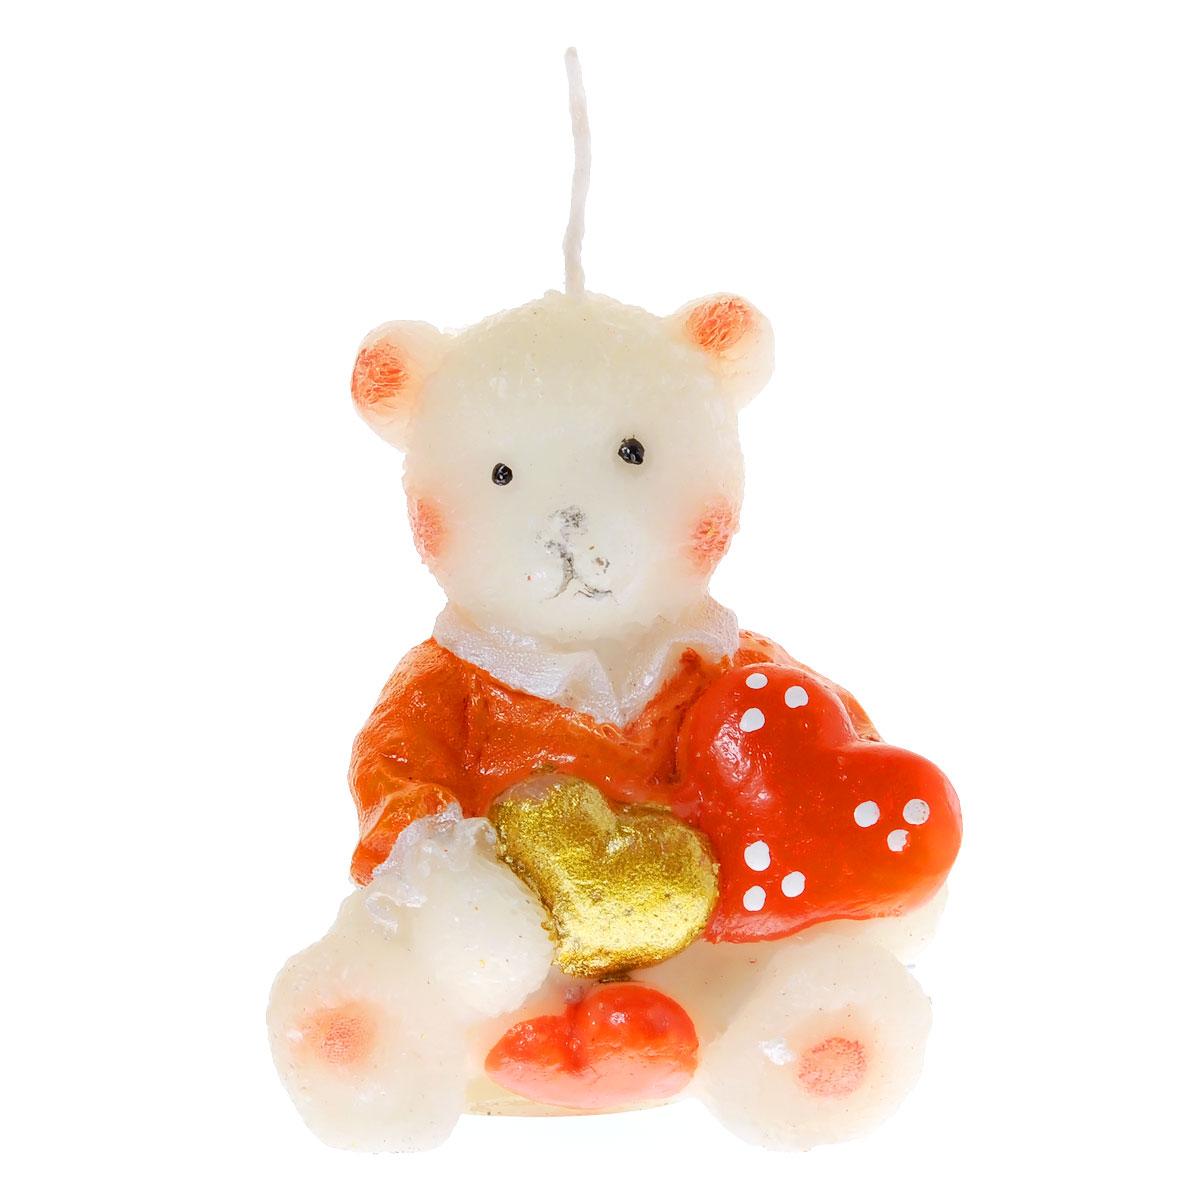 Свеча декоративная Home Queen Медвежонок с сердцем. 5786957869Свеча декоративная Home Queen Медвежонок с сердцем отличный подарок, подчеркивающий яркую индивидуальность того, кому он предназначается. Изделие выполнено из парафина в виде медвежонка держащего сердечки. Такая свеча украсит интерьер вашего дома или офиса. Оригинальный дизайн и красочное исполнение создадут отличное настроение.